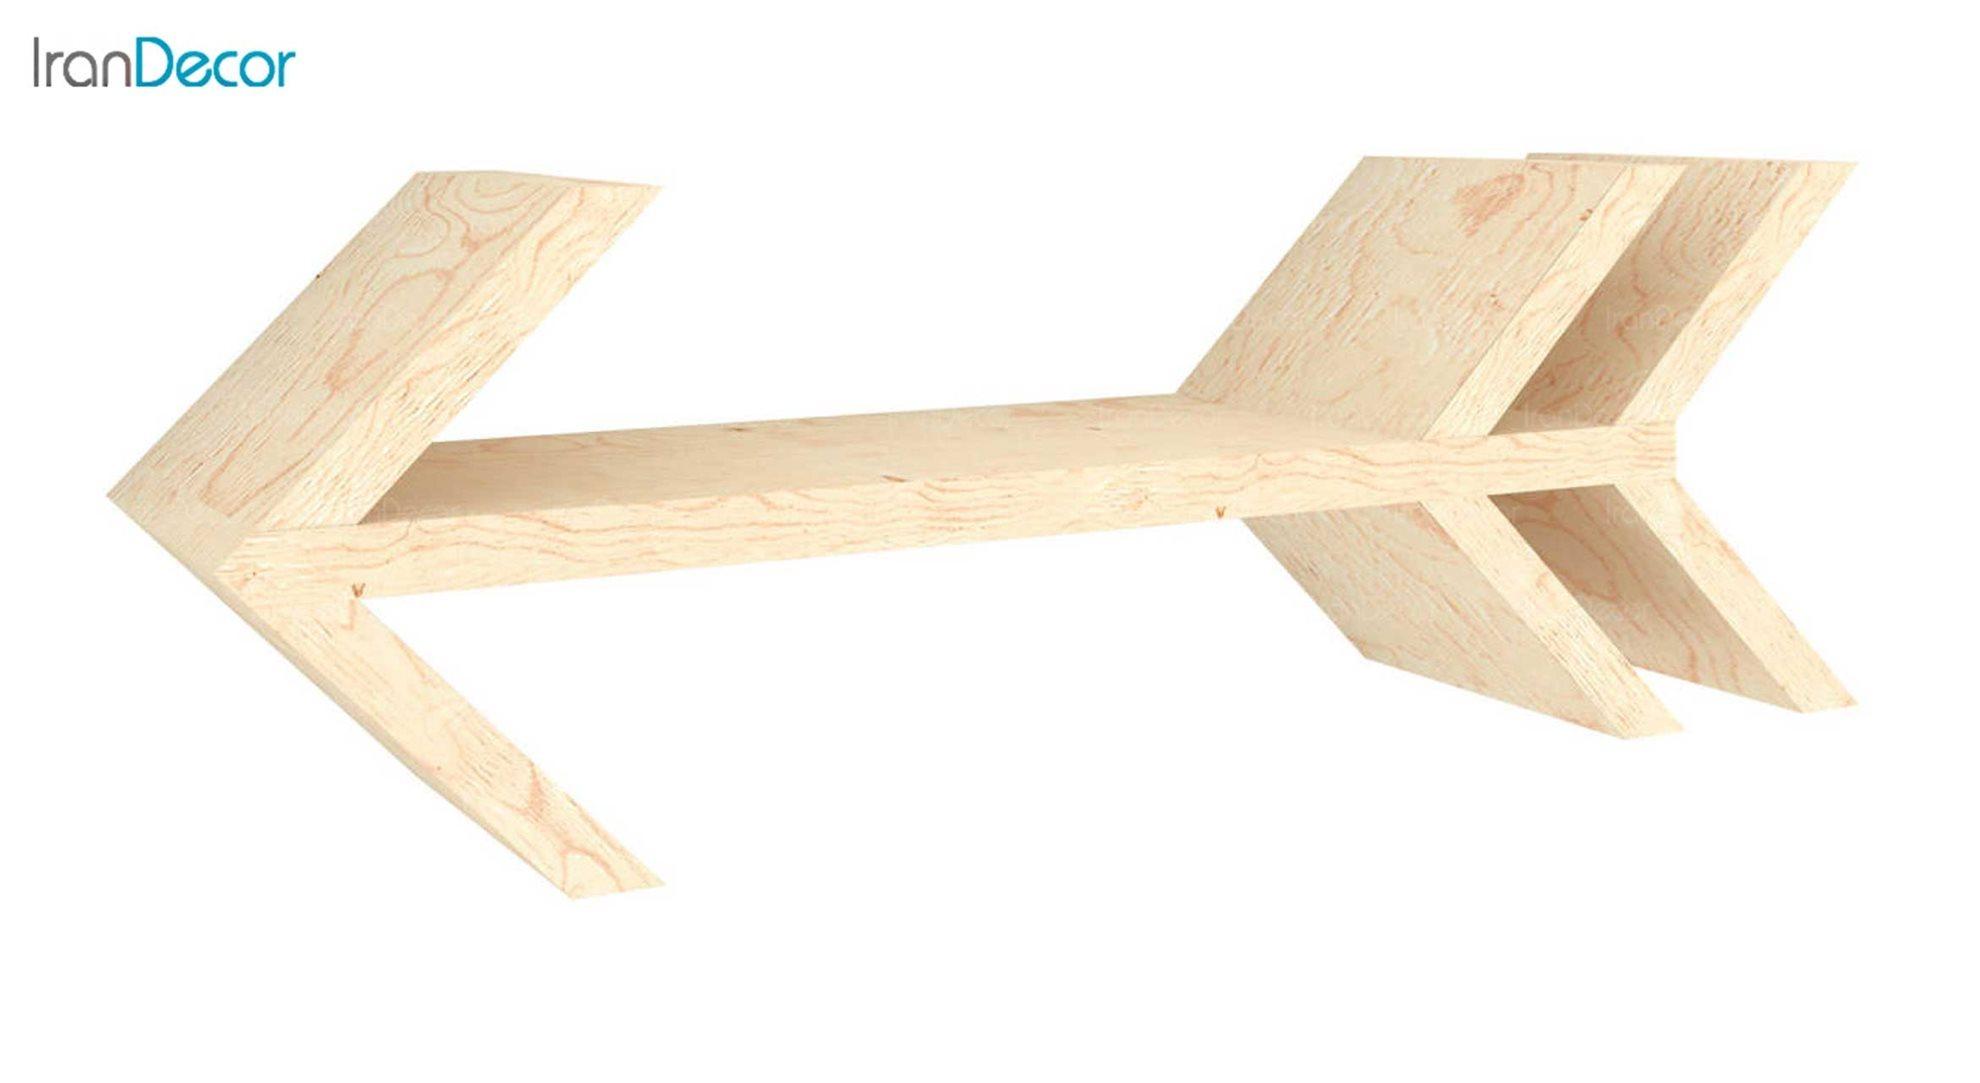 شلف و طبقه دیواری چوبی رومادون مدل 3026